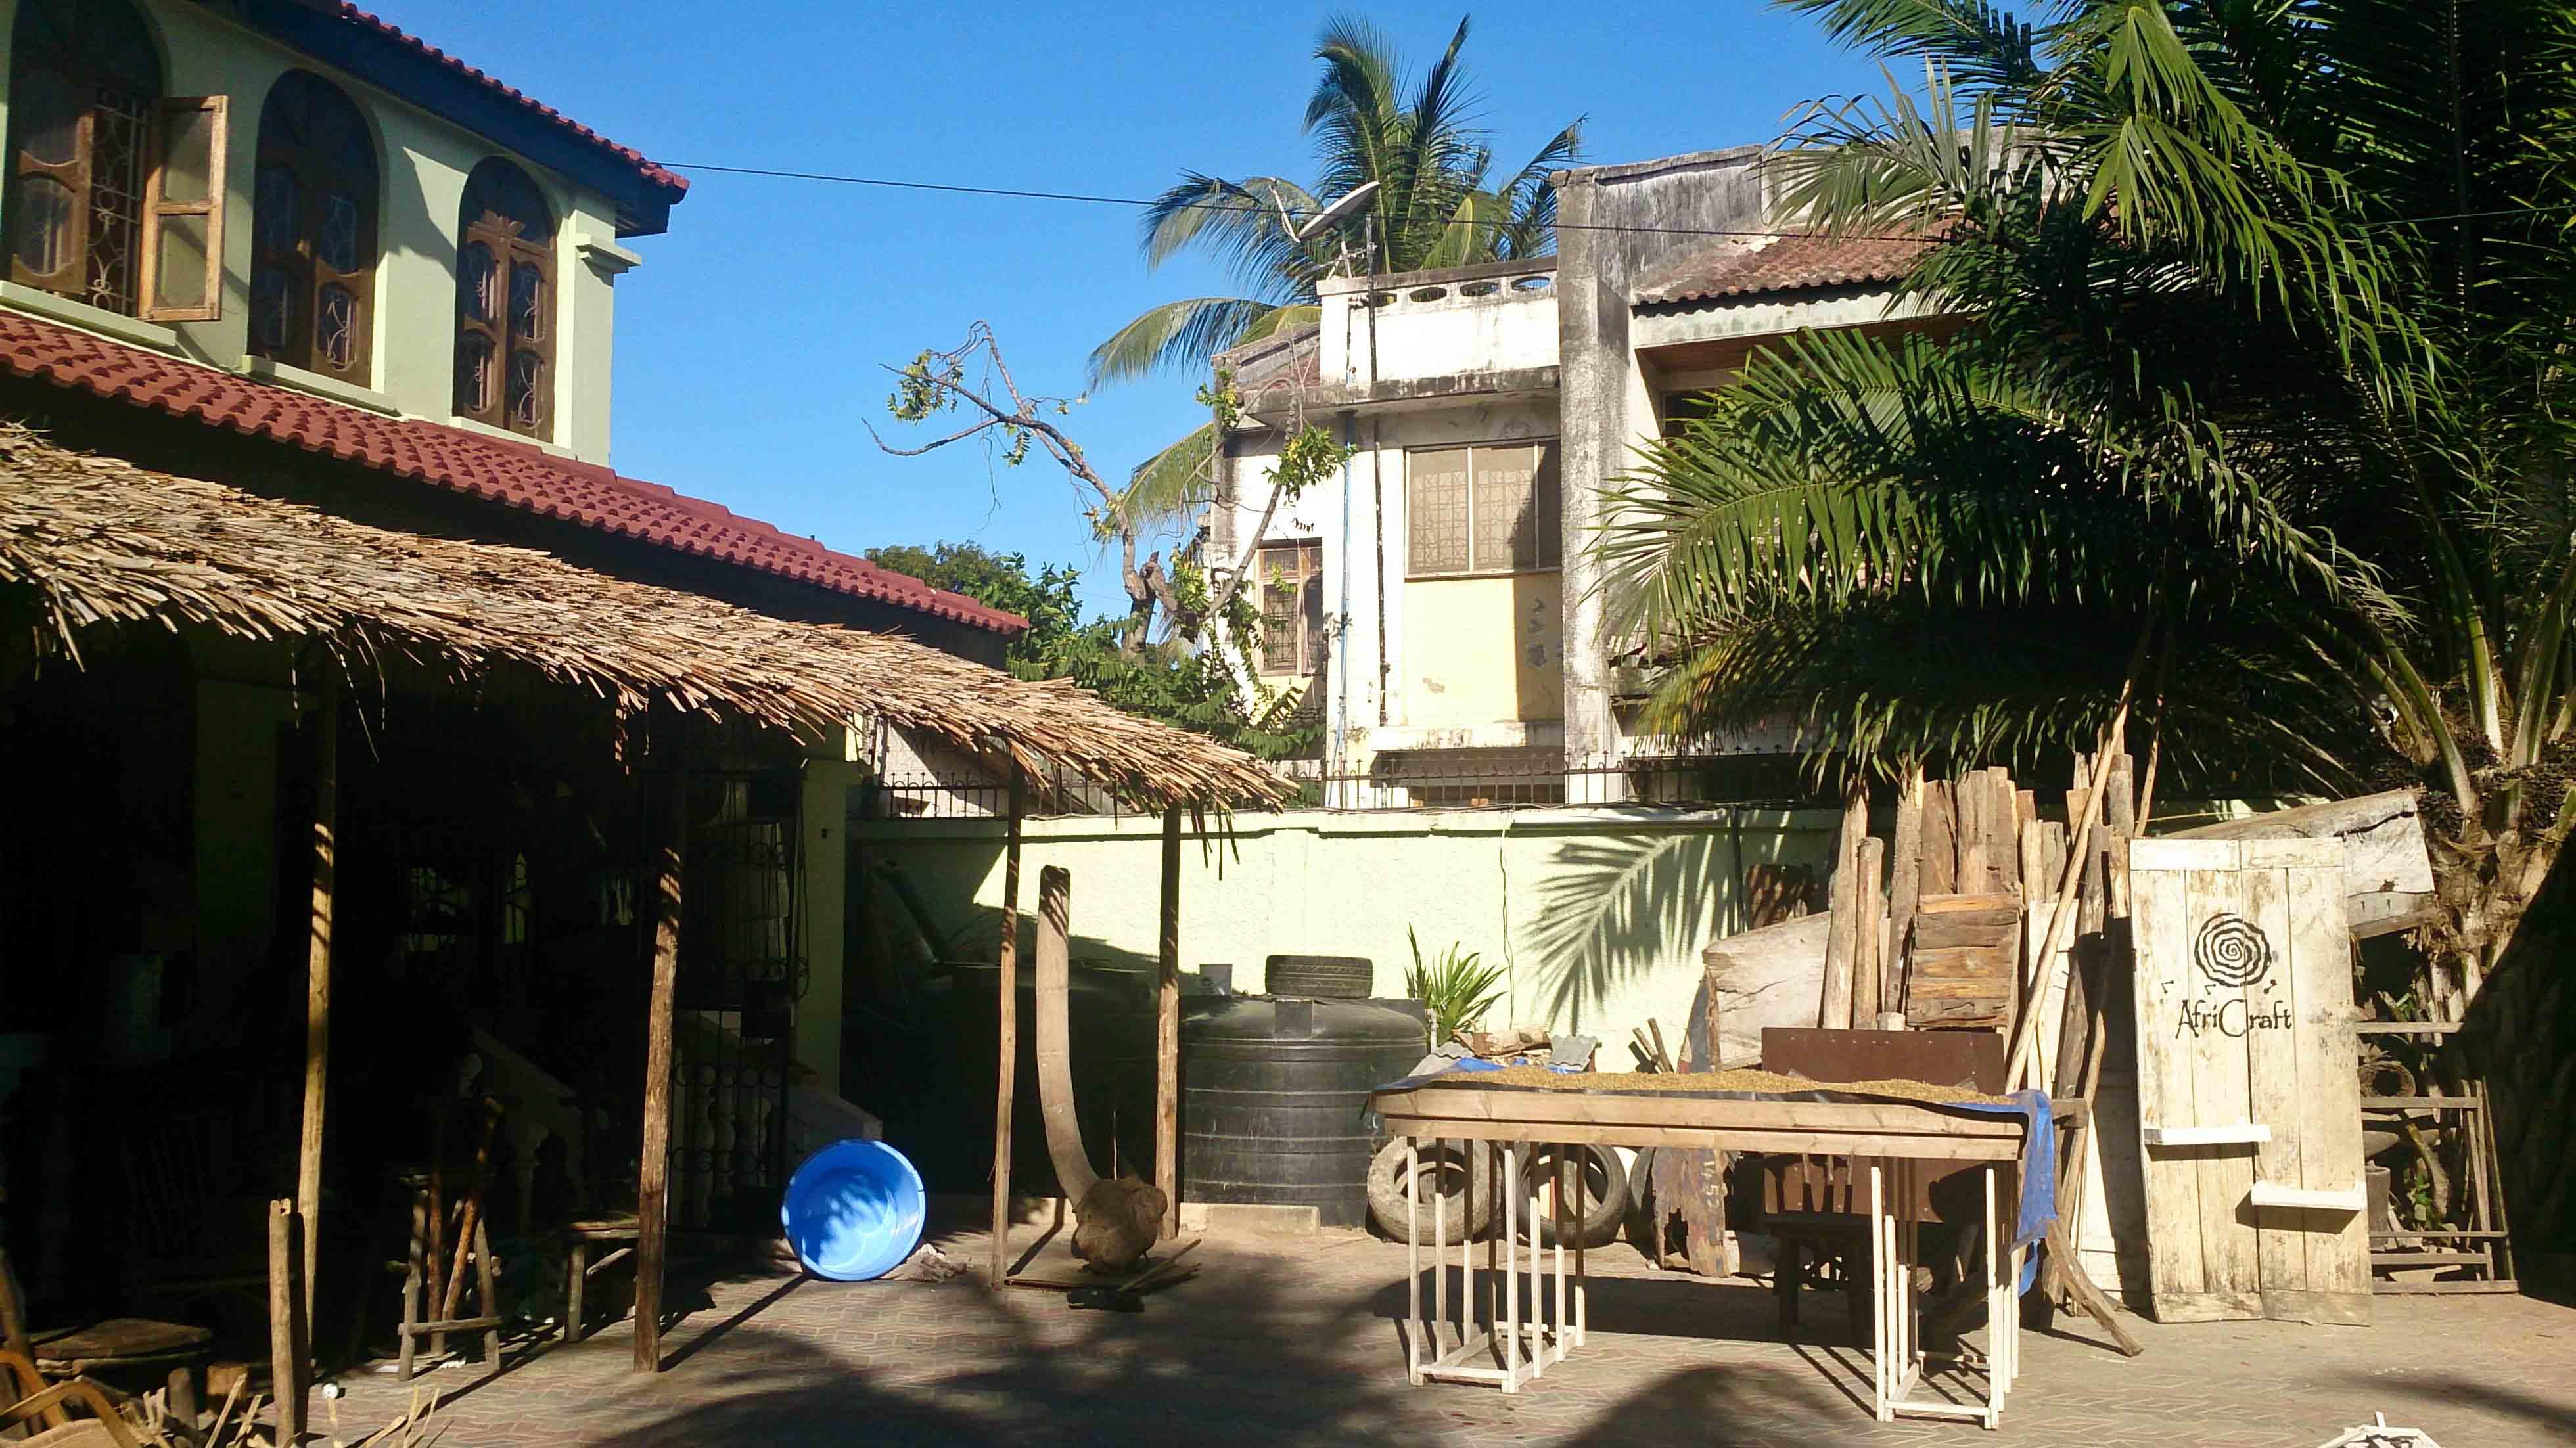 Africraft front yard